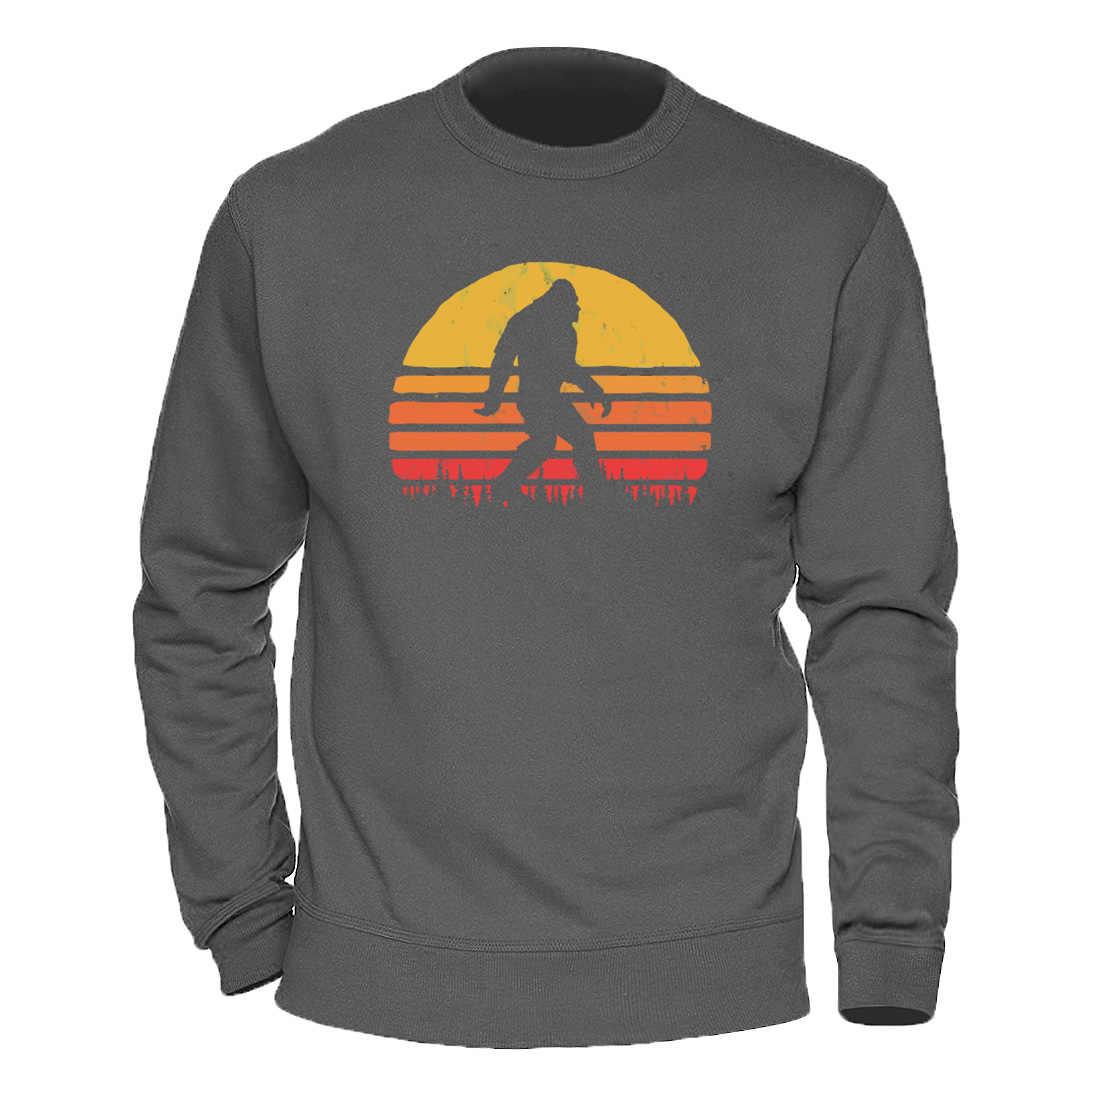 남성 풀오버 Bigfoot Silhouette Sun Hoodies 2020 따뜻한 겨울 가을 스웨터 패션 캐주얼 탑스 Streetwear Retro Hoody